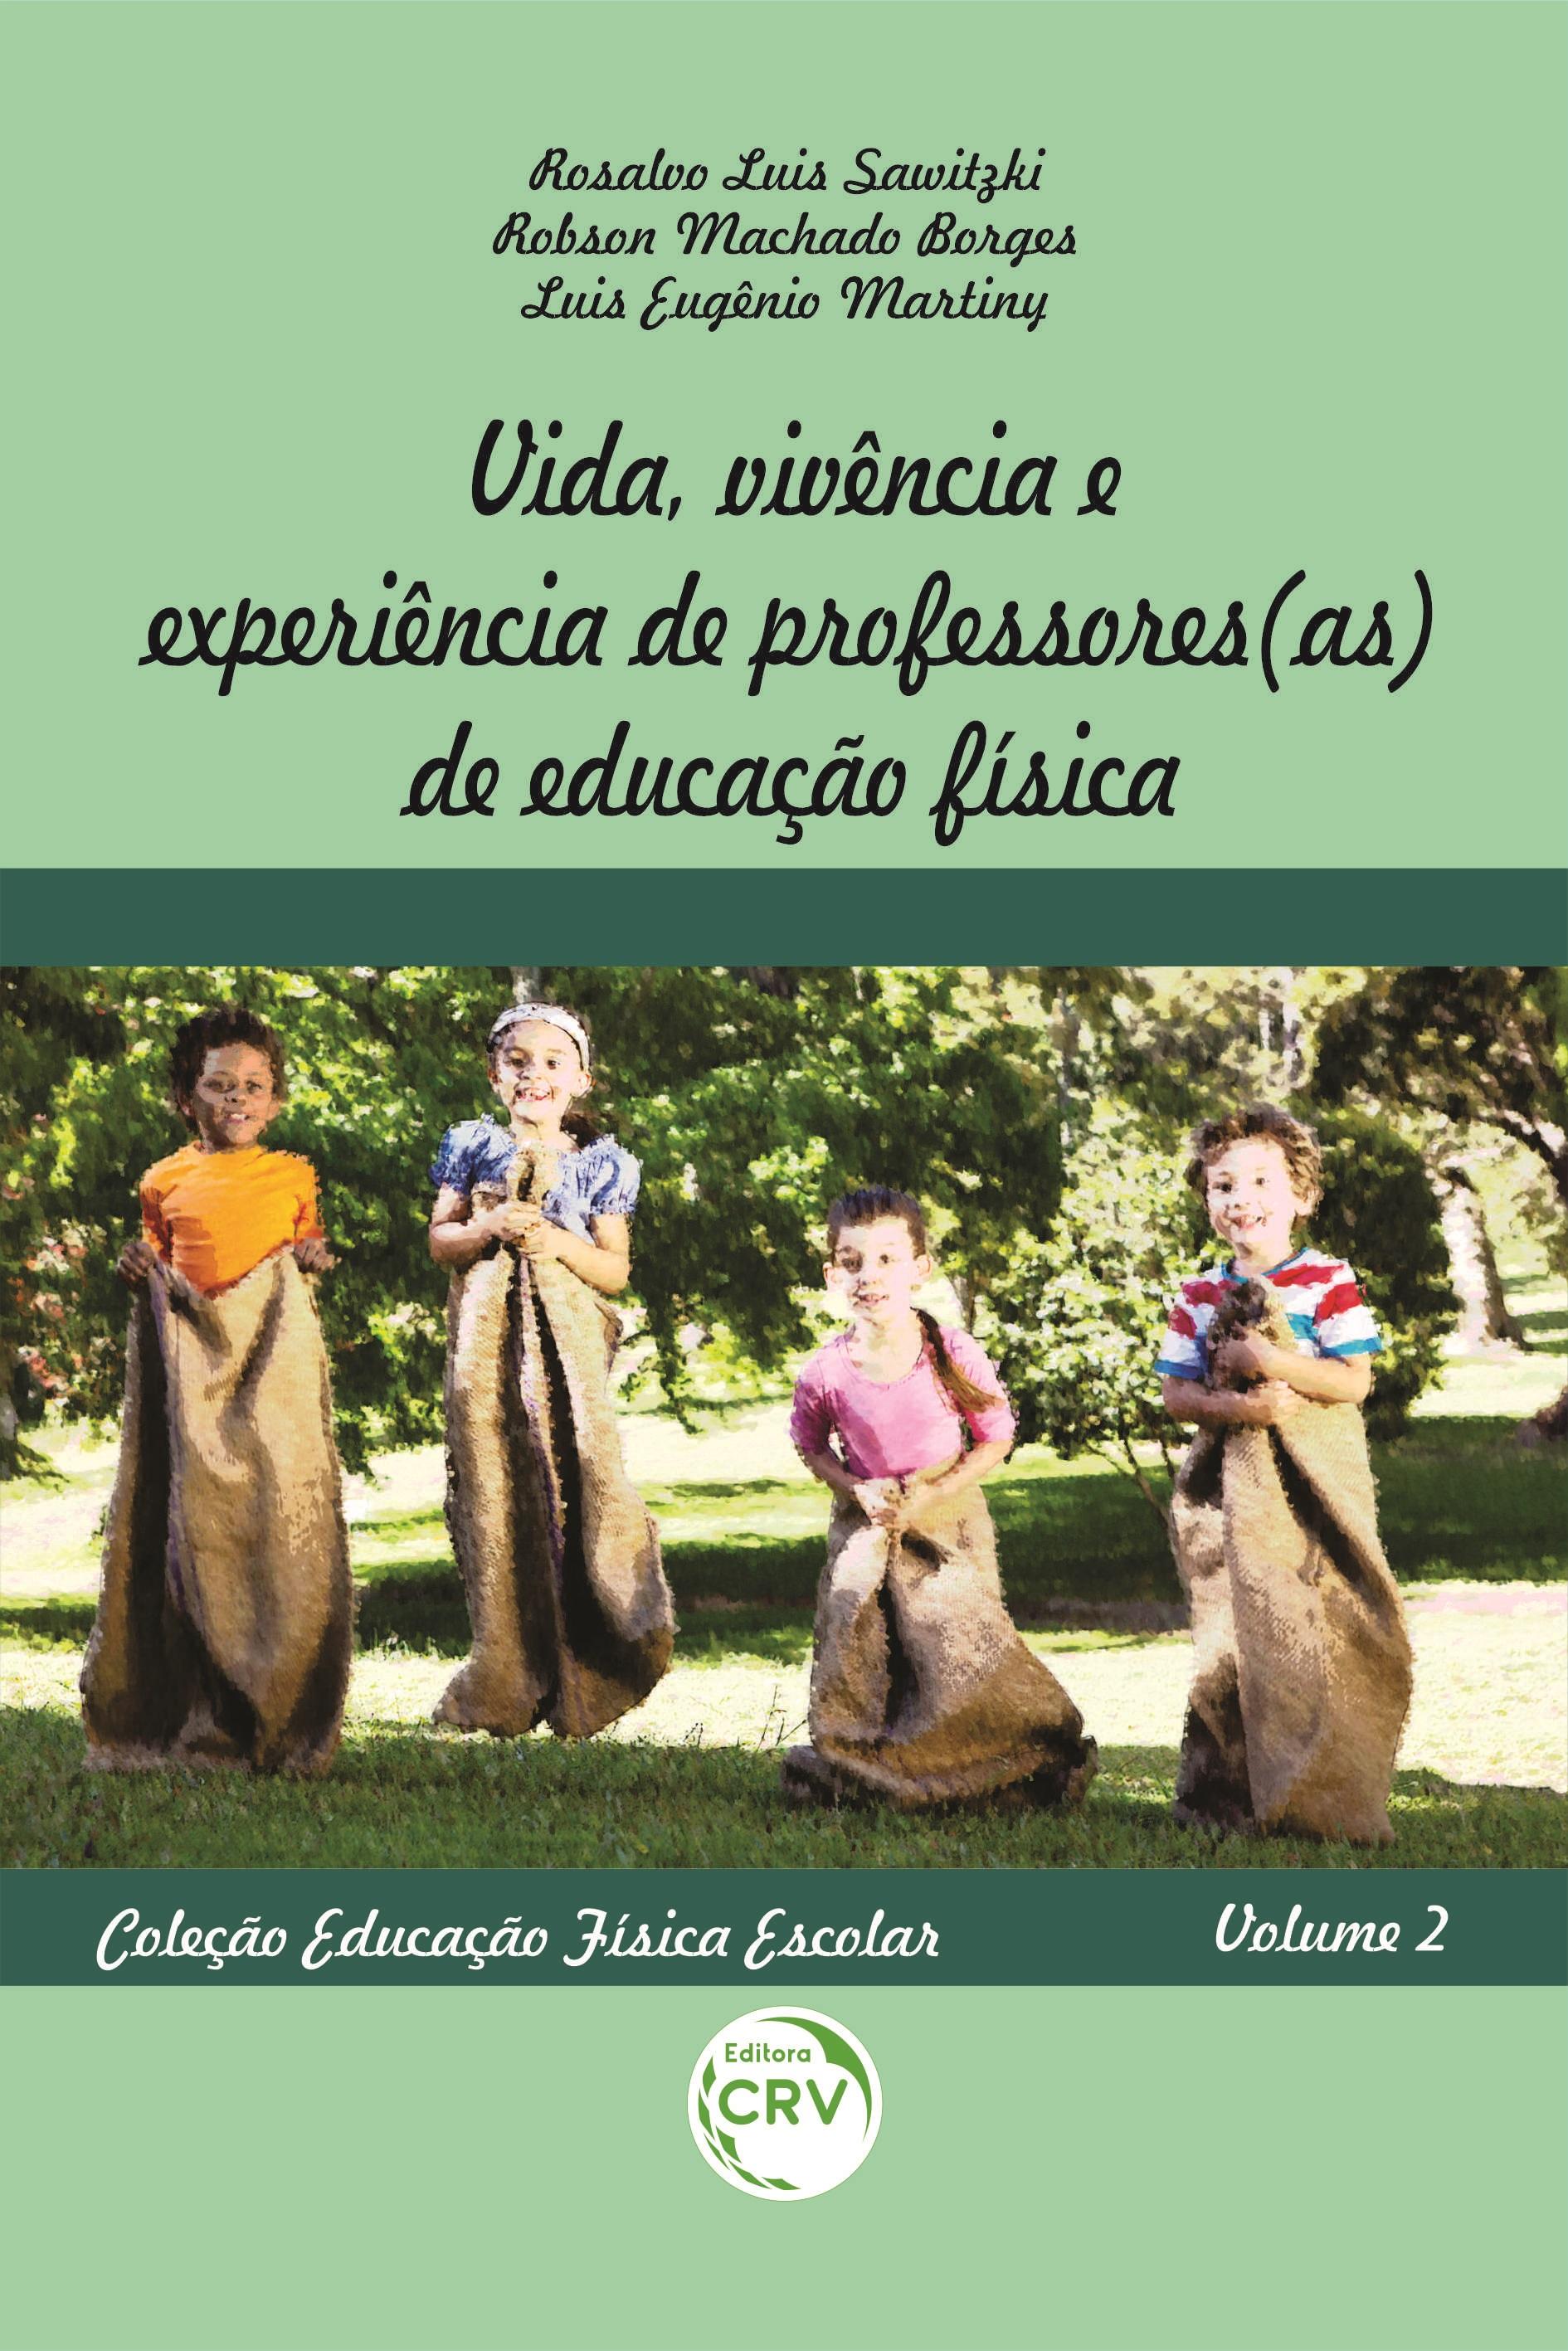 Capa do livro: VIDA, VIVÊNCIA E EXPERIÊNCIA DE PROFESSORES(AS) DE EDUCAÇÃO FÍSICA <br>Coleção Educação Física Escolar - Volume 2